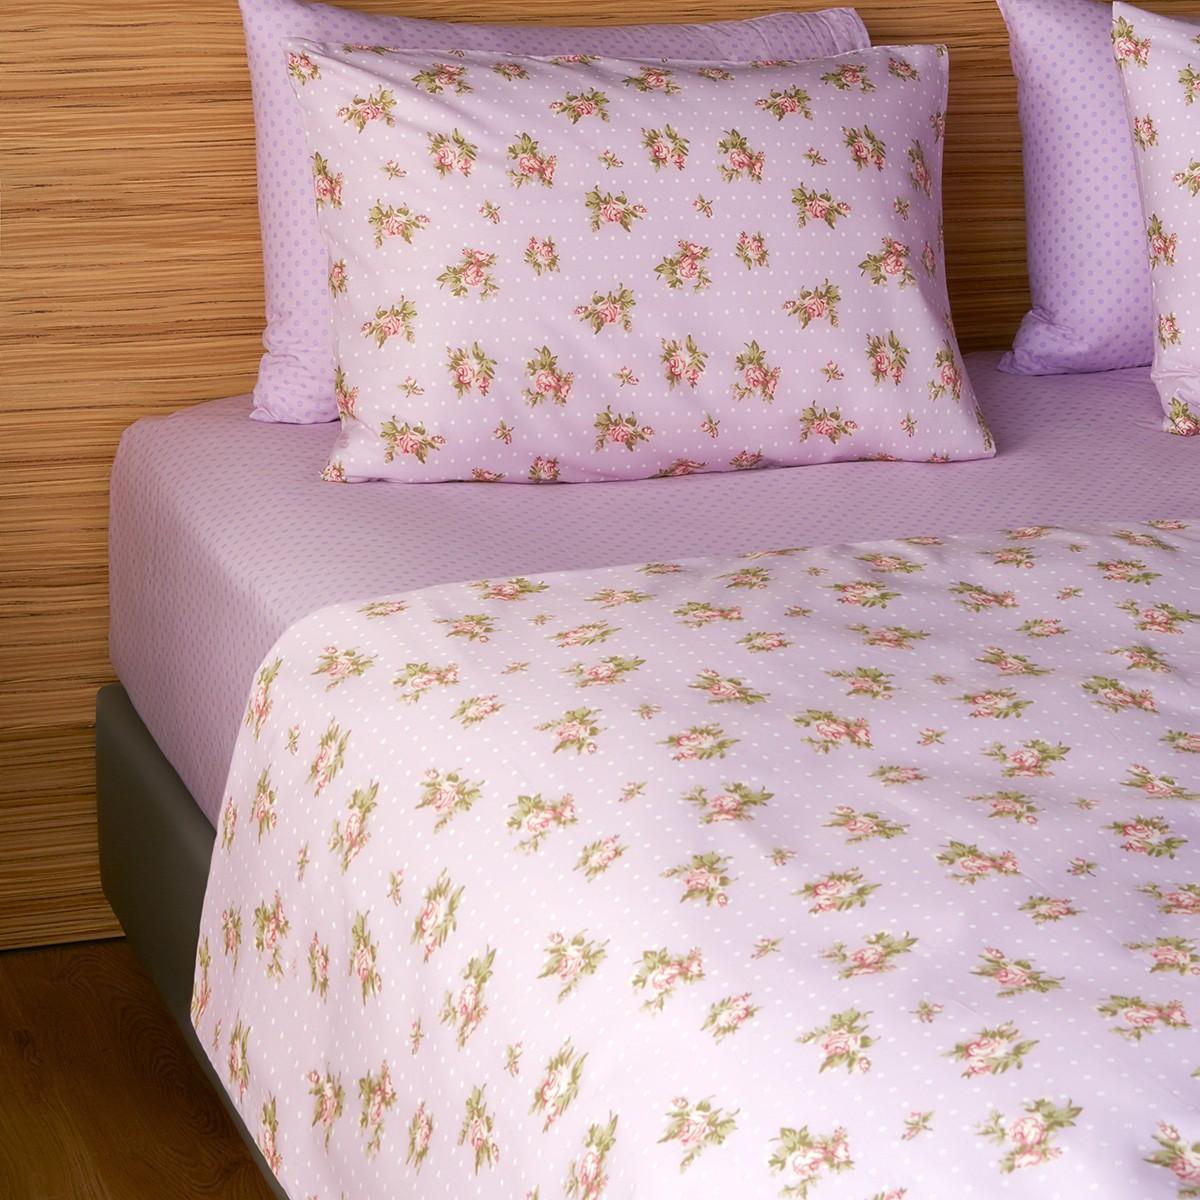 Σεντόνια Διπλά (Σετ) Melinen 12749 Lilac